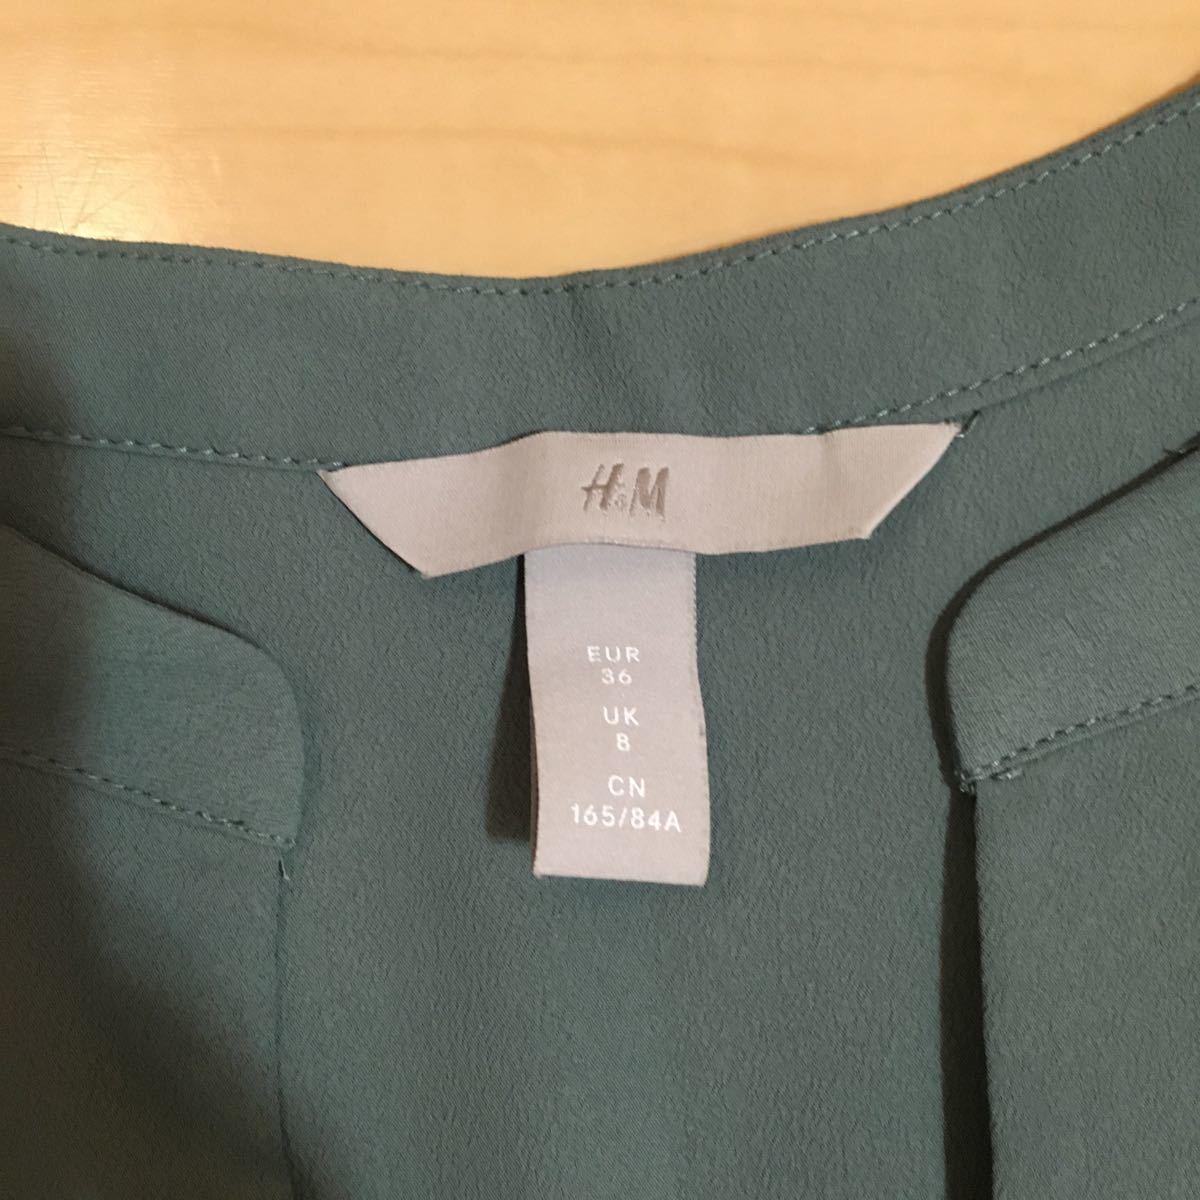 ノースリーブ トップス タンクトップ H&M カットソー  オフィス